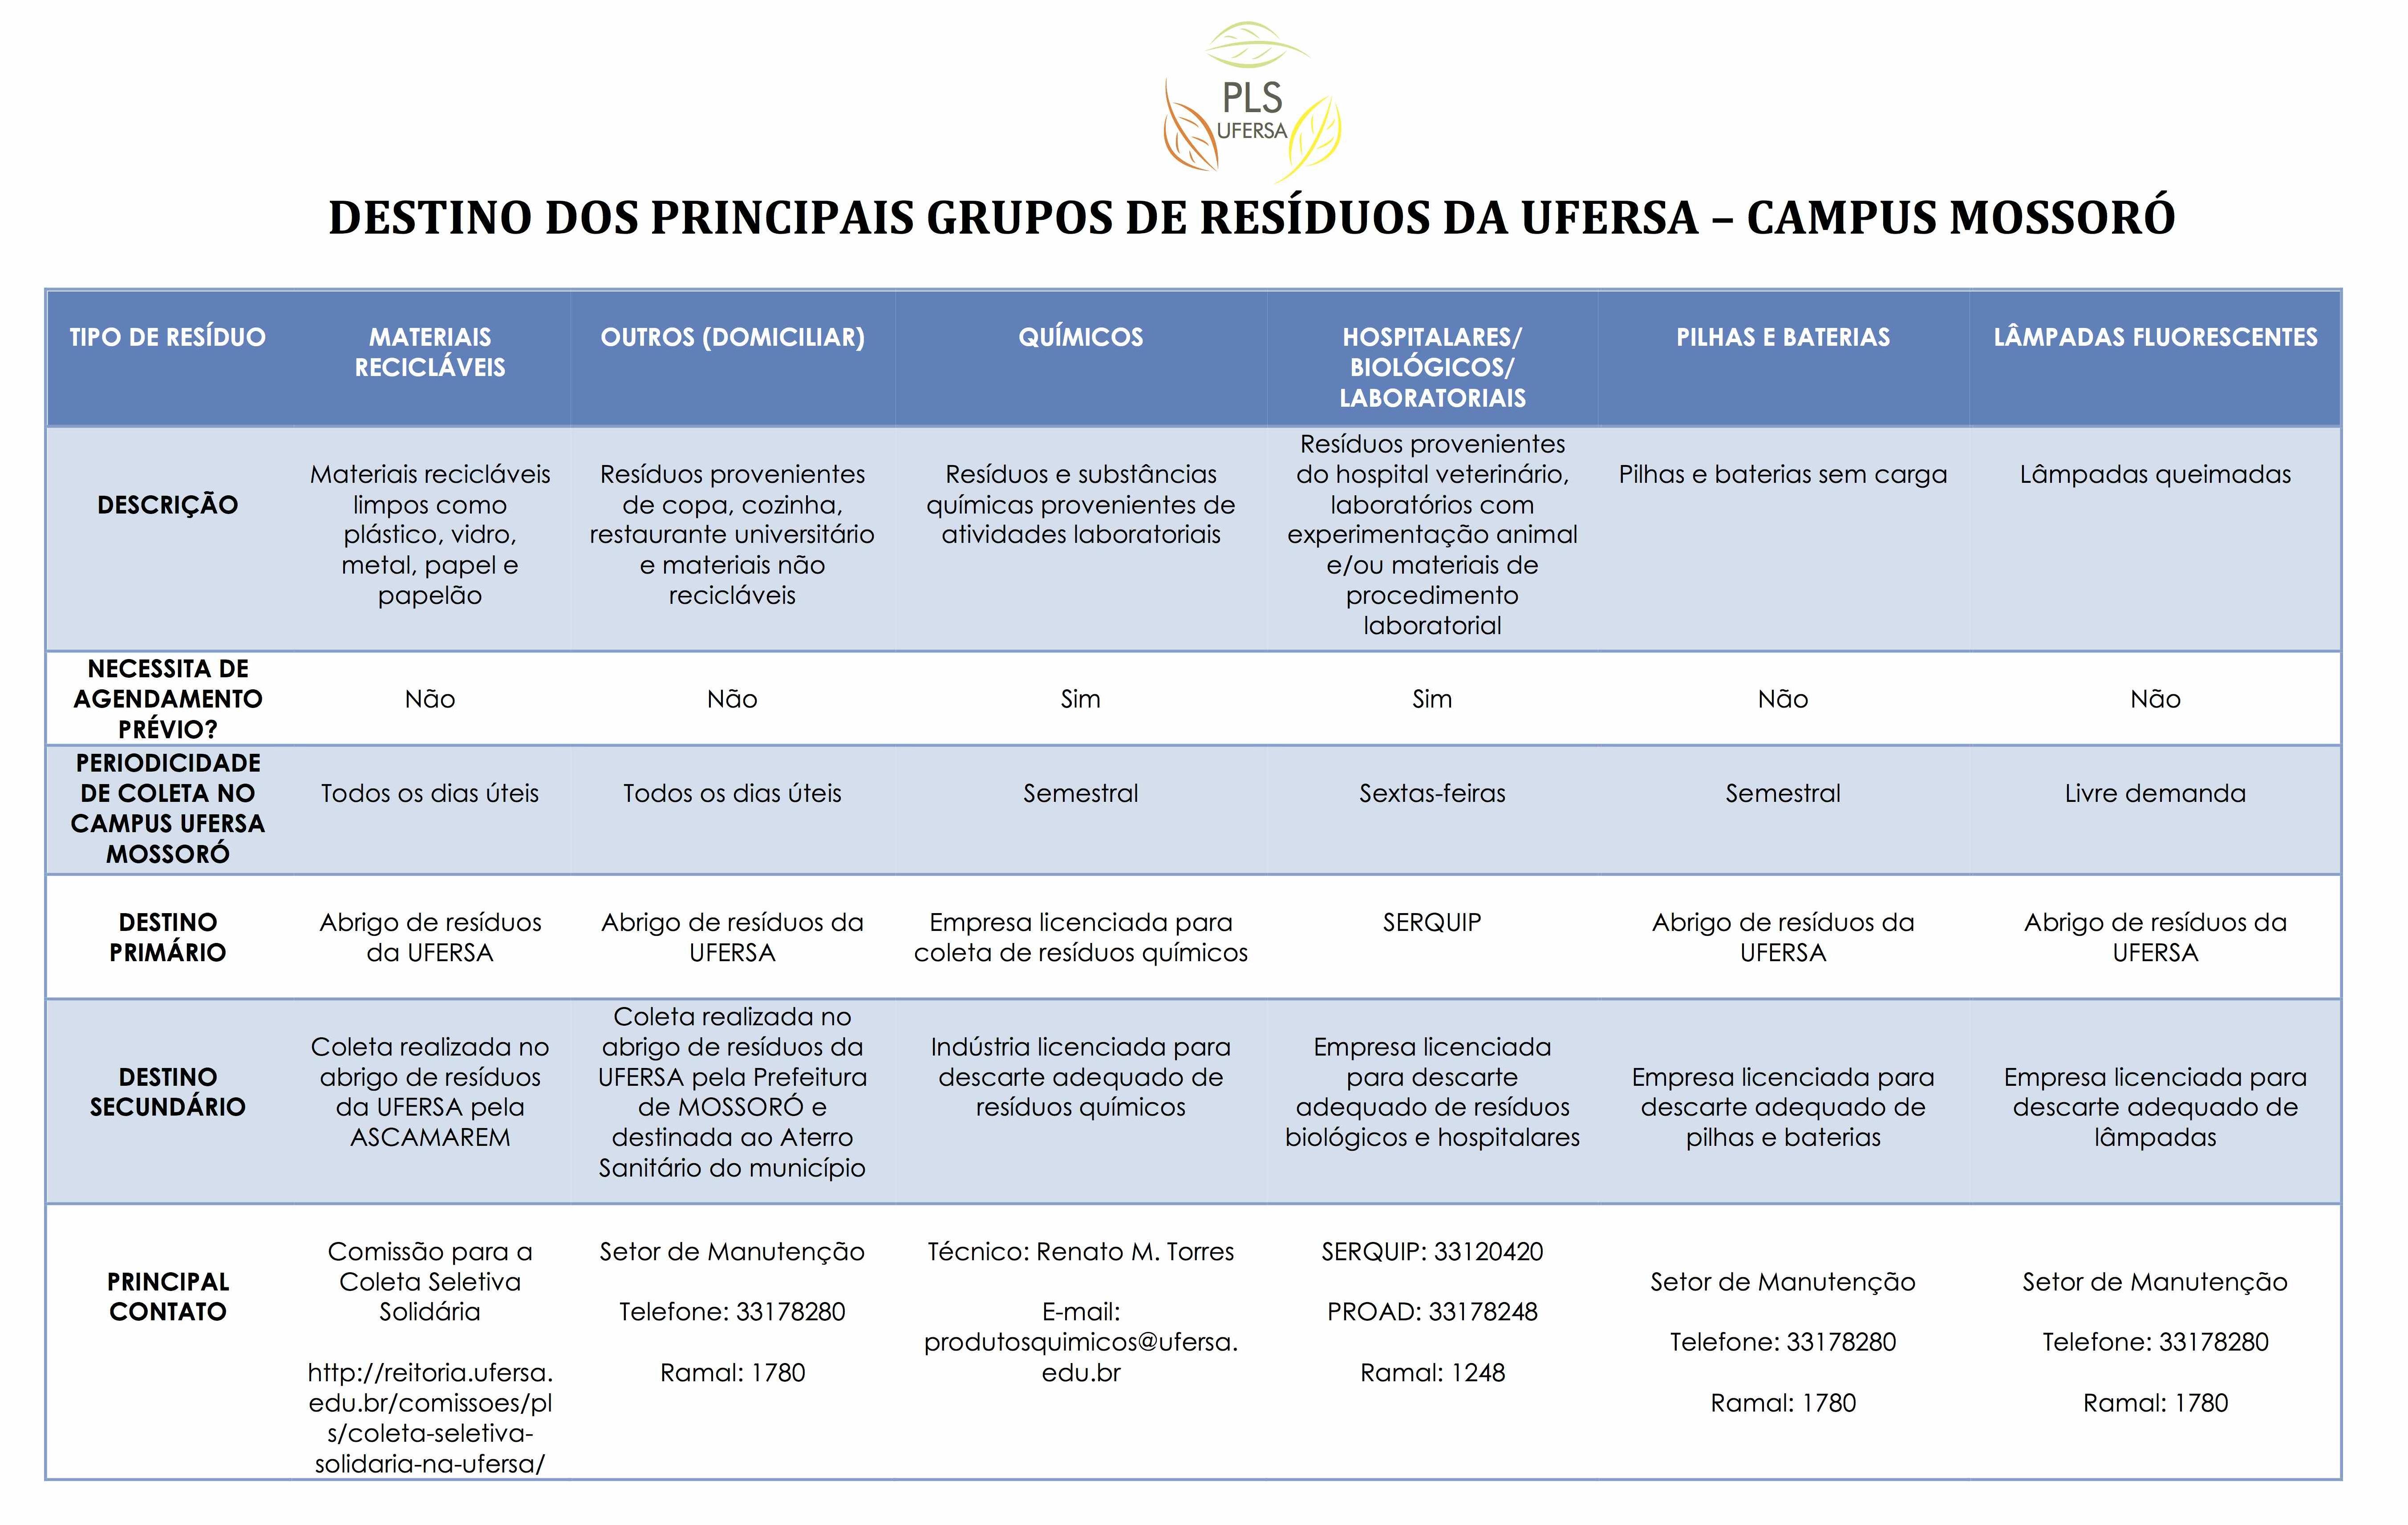 DESTINO DOS PRINCIPAIS GRUPOS DE RESÍDUOS DA UFERSA – CAMPUS MOSSORÓ